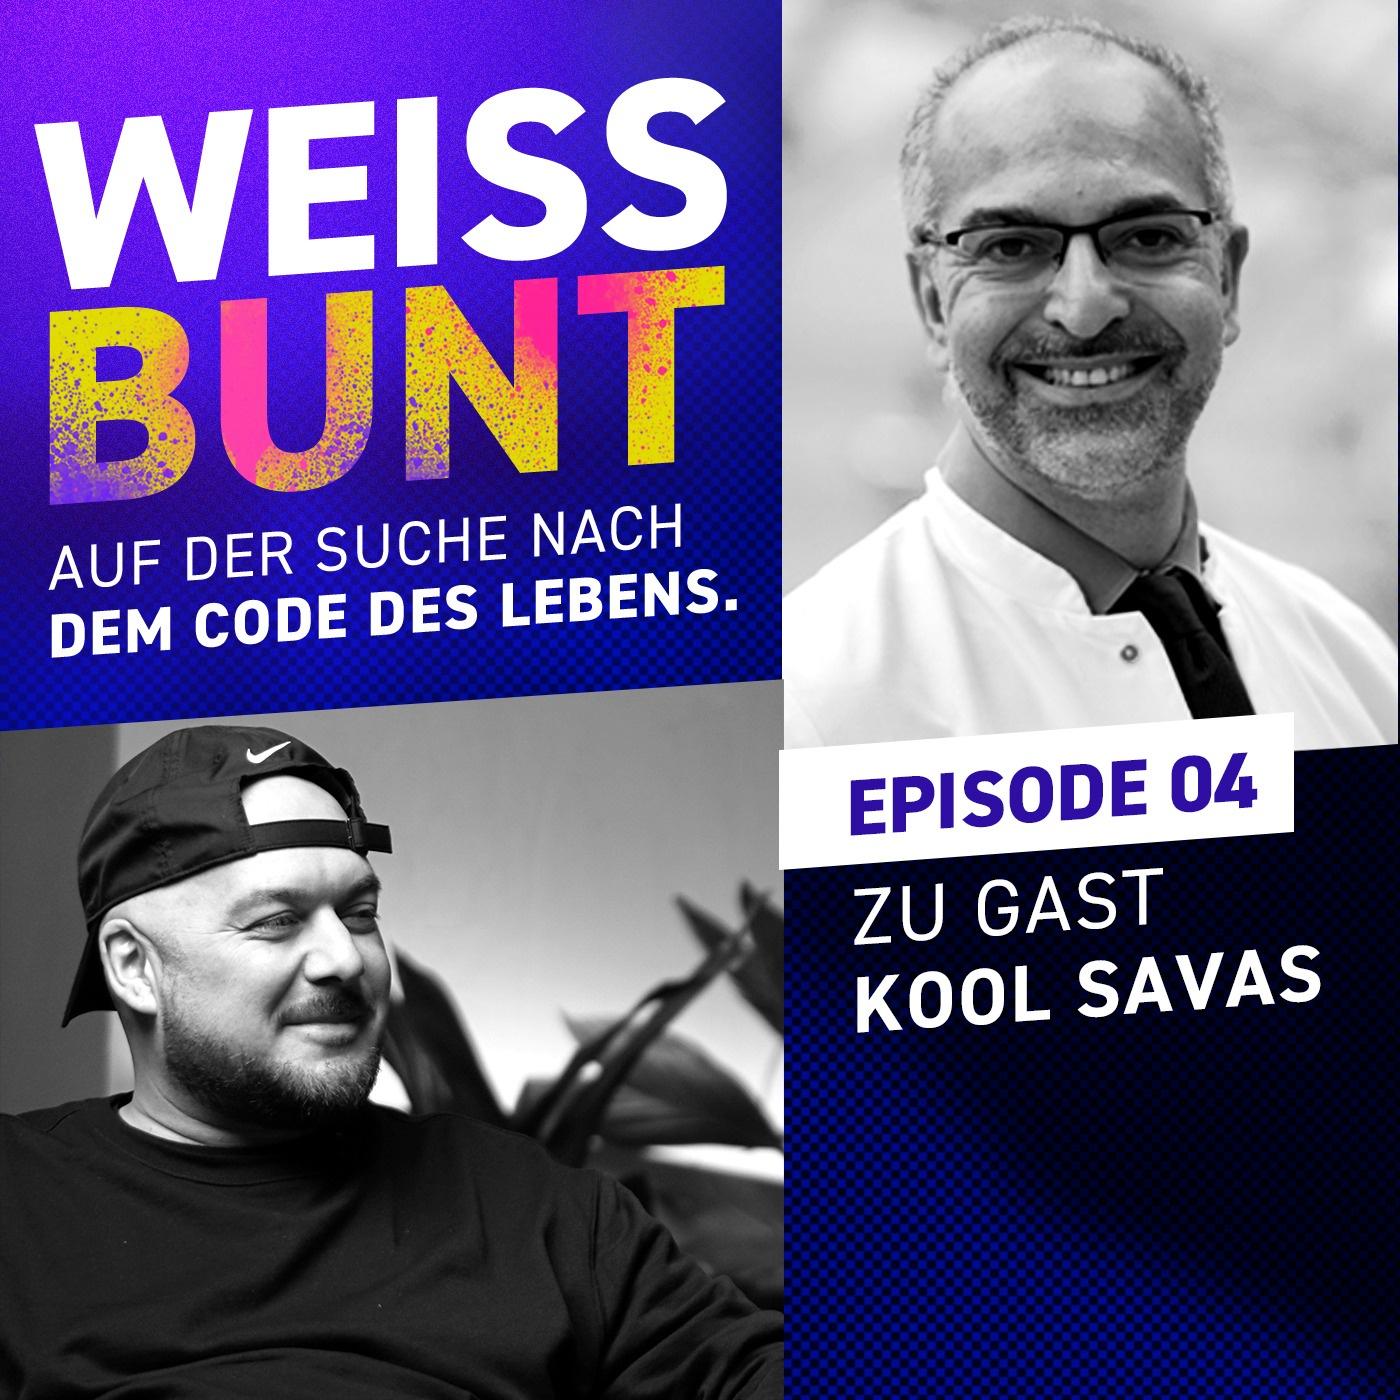 #4 - WeissBunt mit Kool Savas & Prof. Sehouli - Deutschrap trifft Medizin!